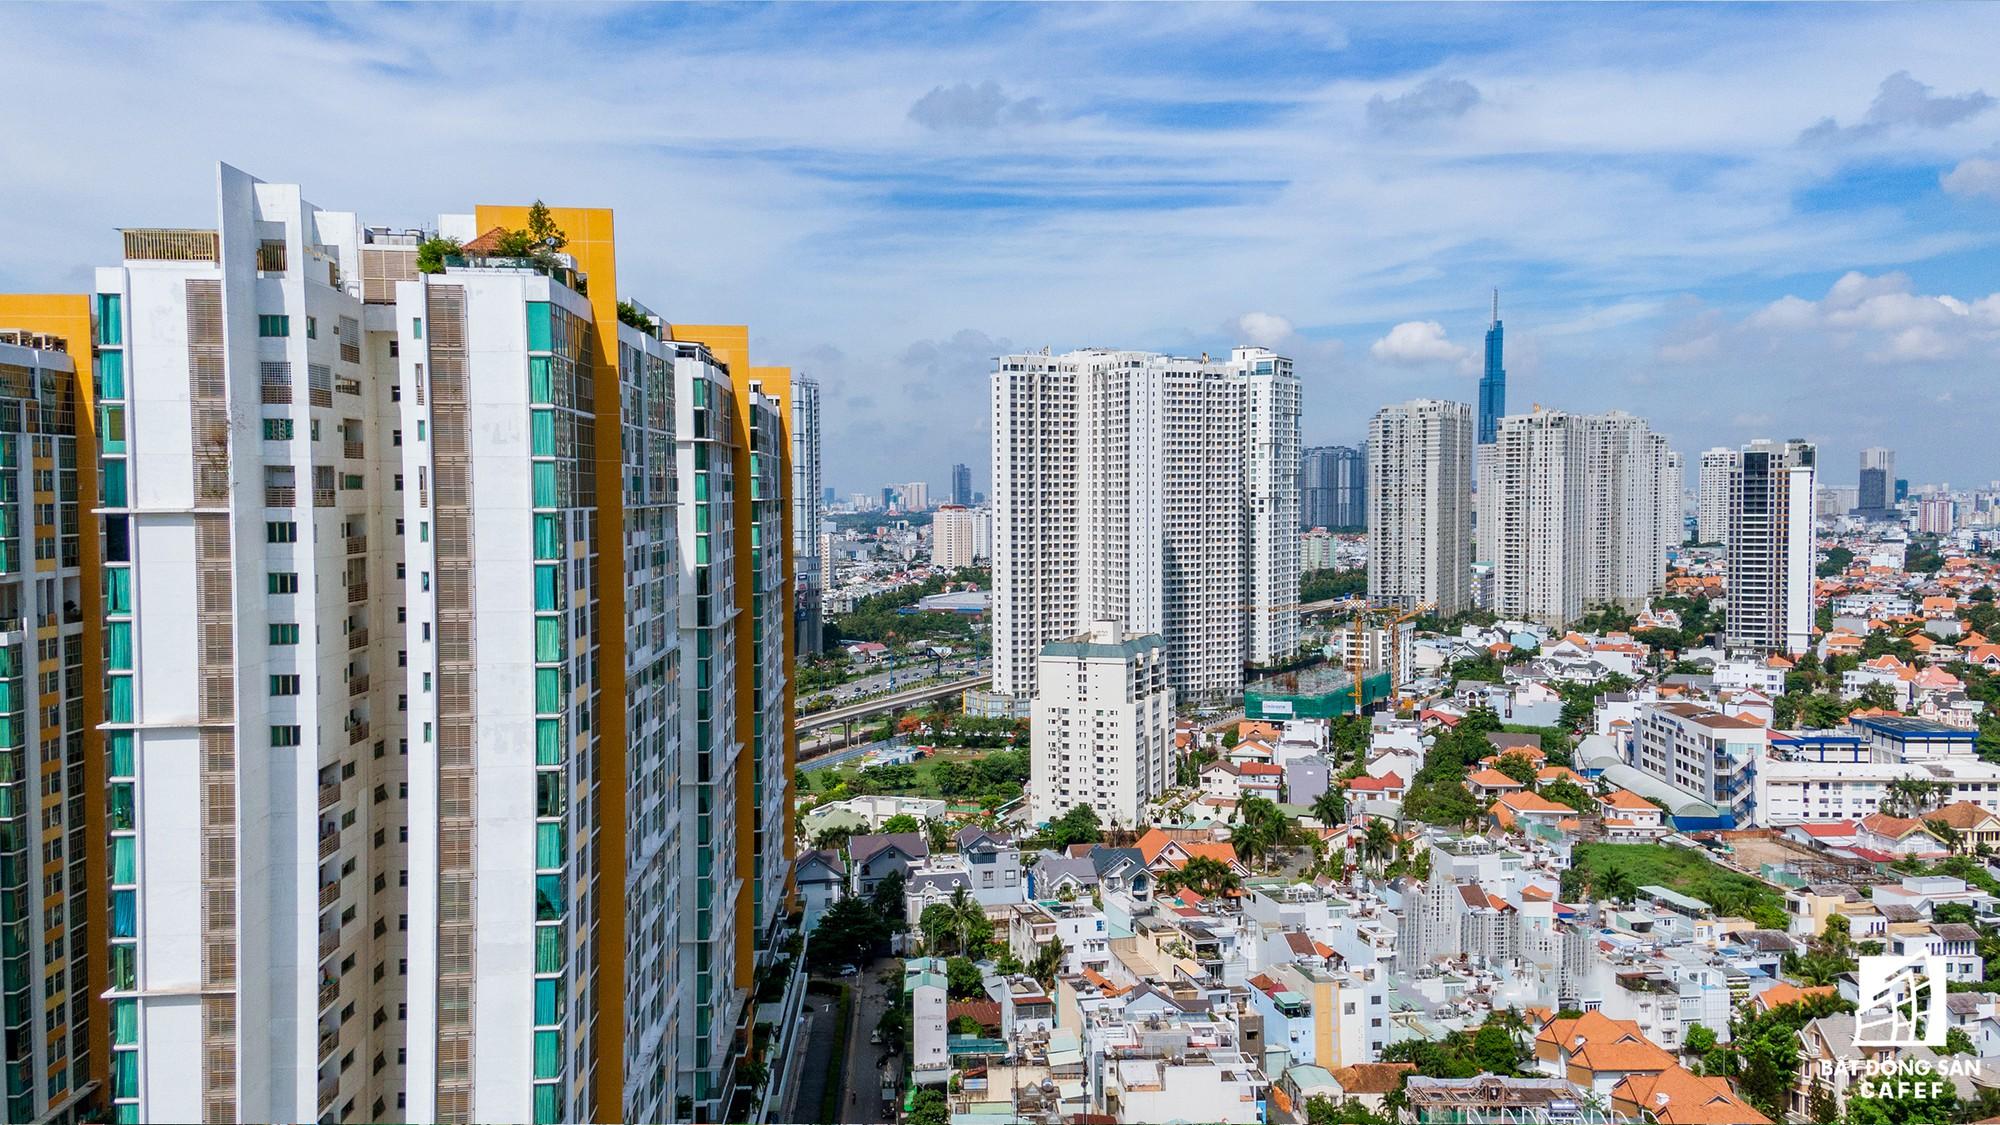 Nhà giàu cũng khóc trong những khu biệt thự sang chảnh bậc nhất Sài Gòn - Ảnh 15.